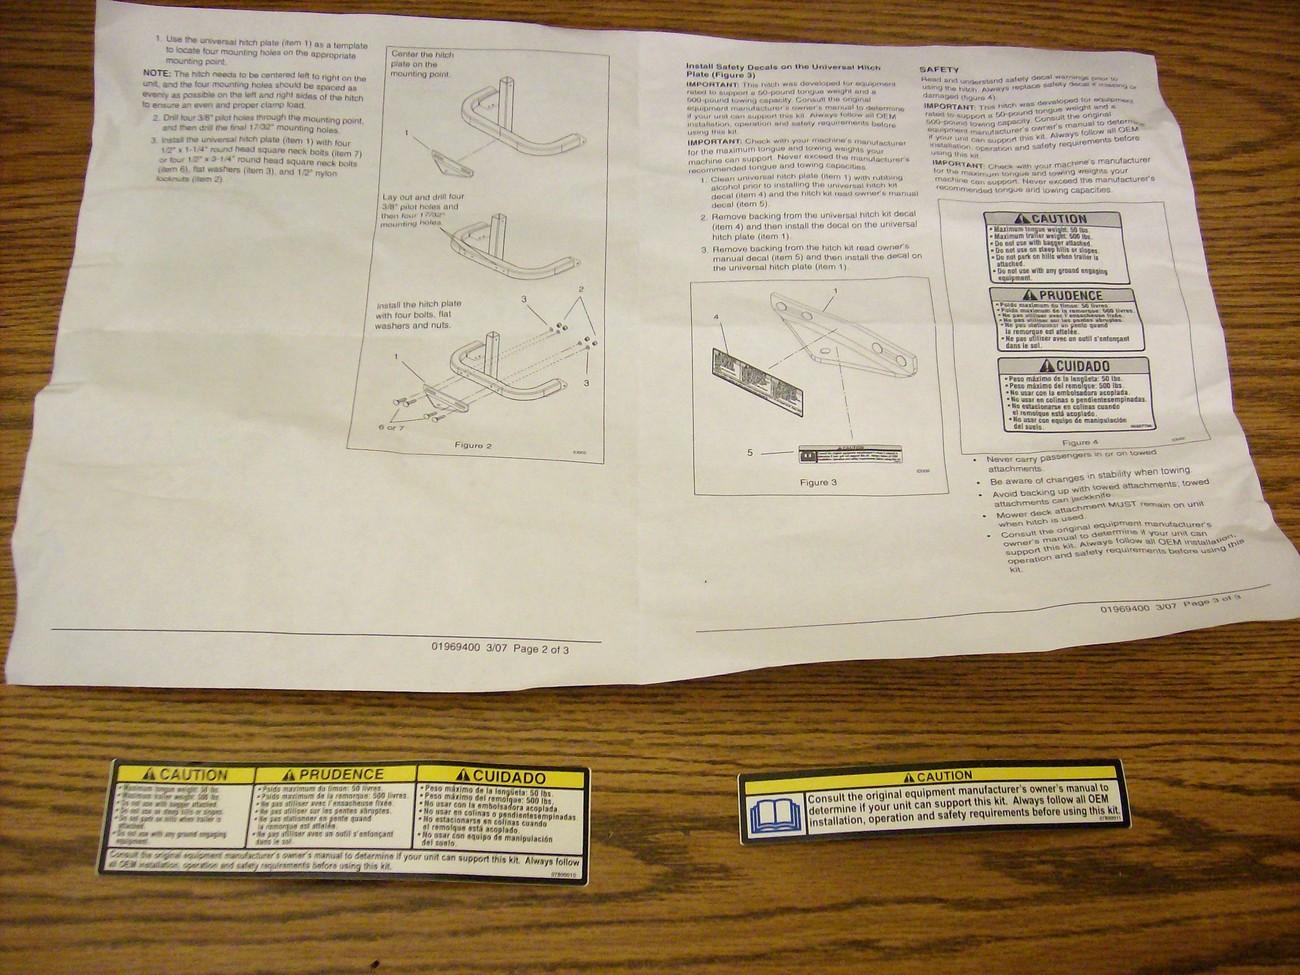 Exmark Lazer Z, Phazer lawn mower hitch 1-631665, 1-651234